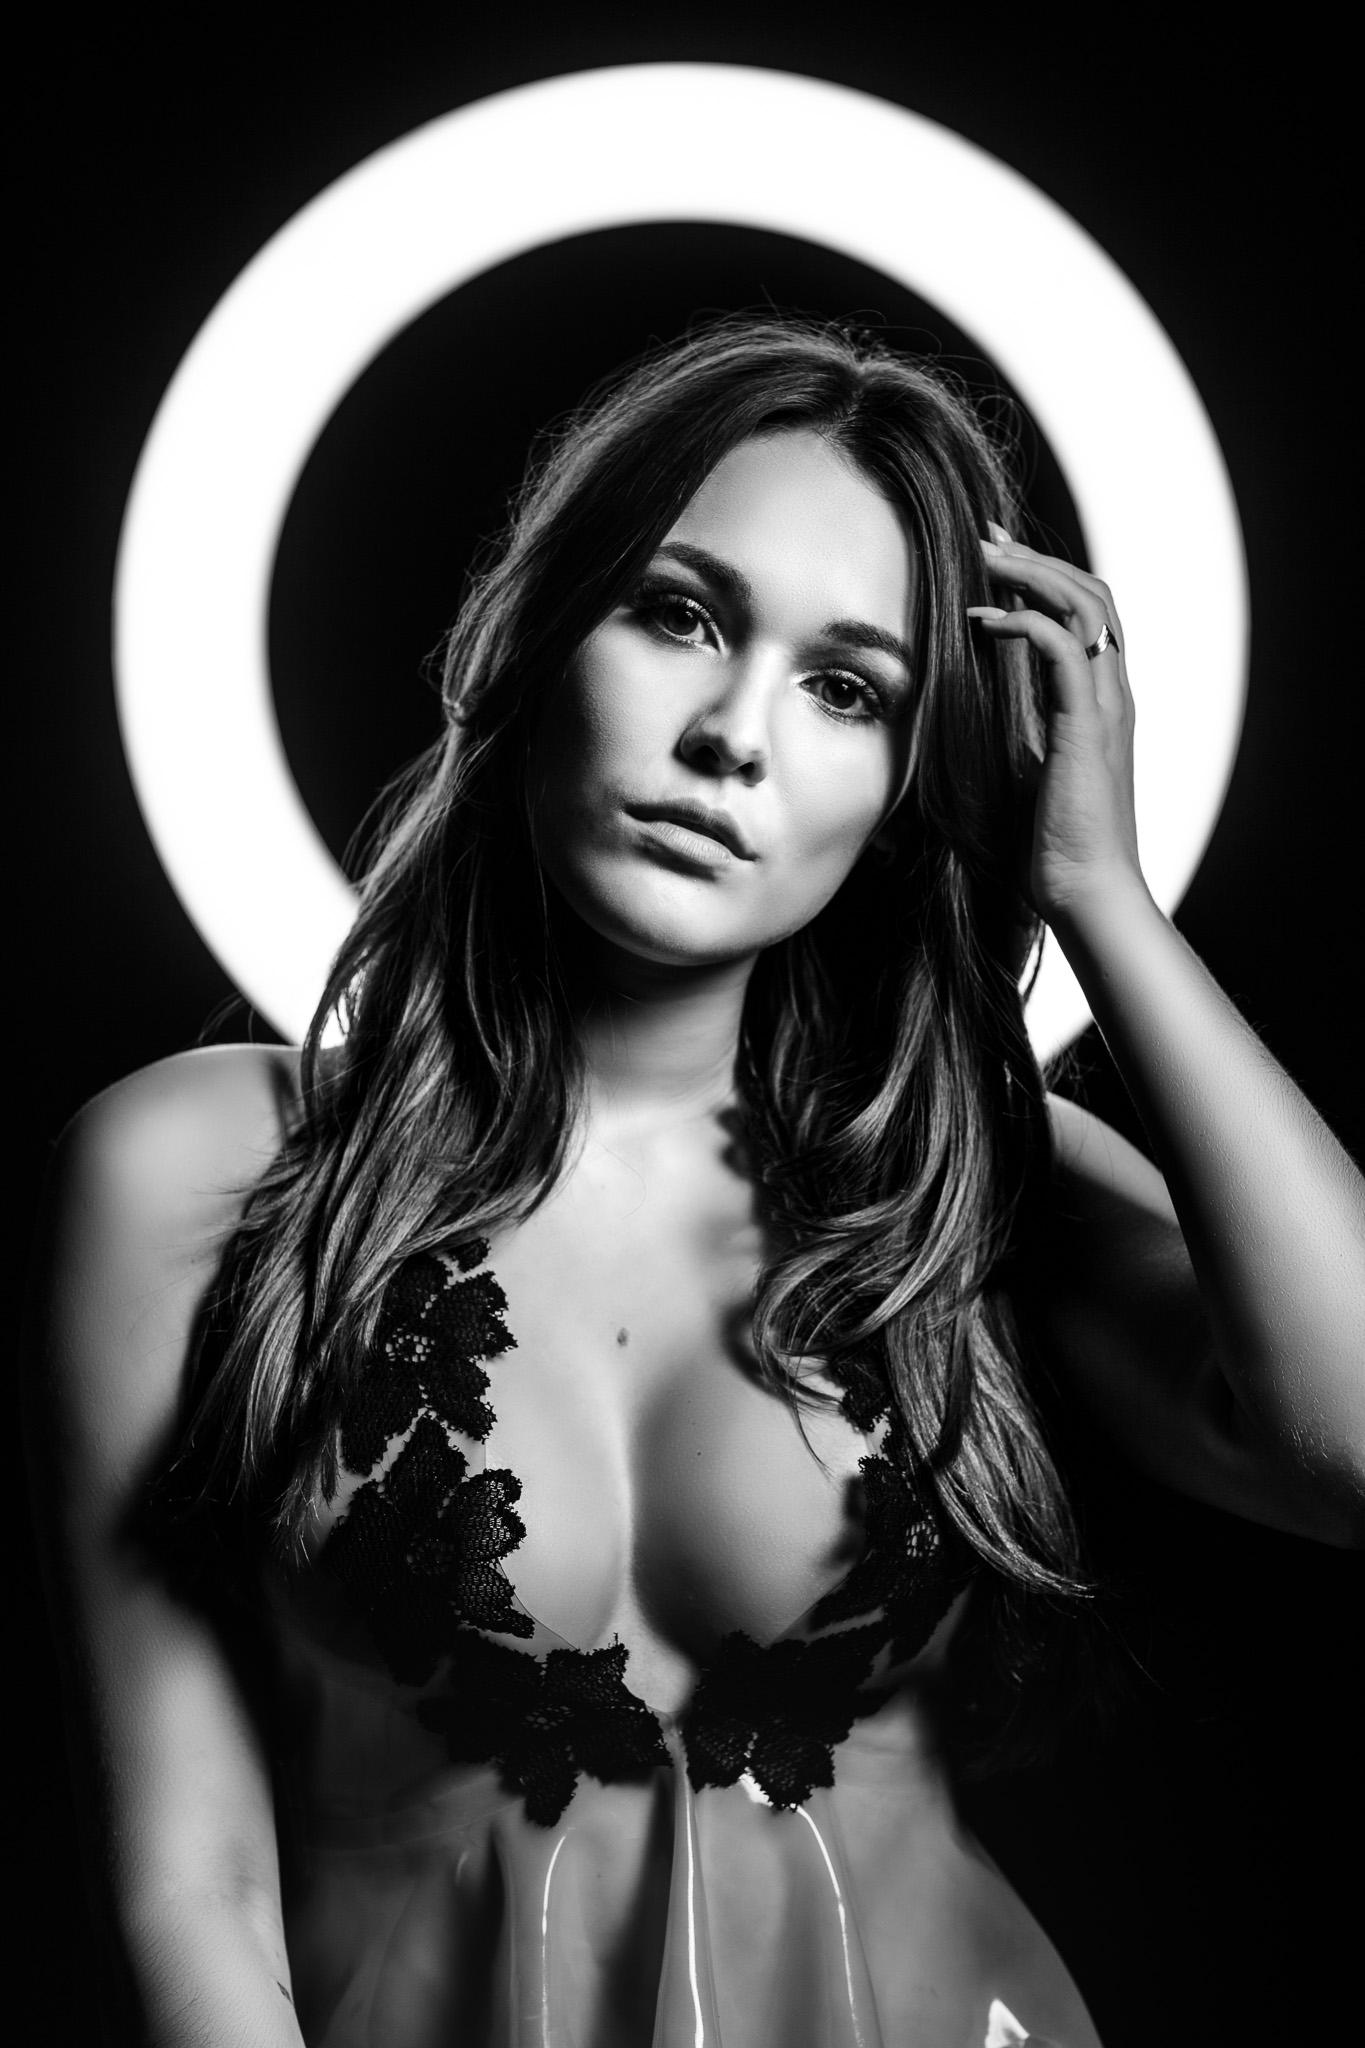 Model Shannety Posing as an Angel in Latex